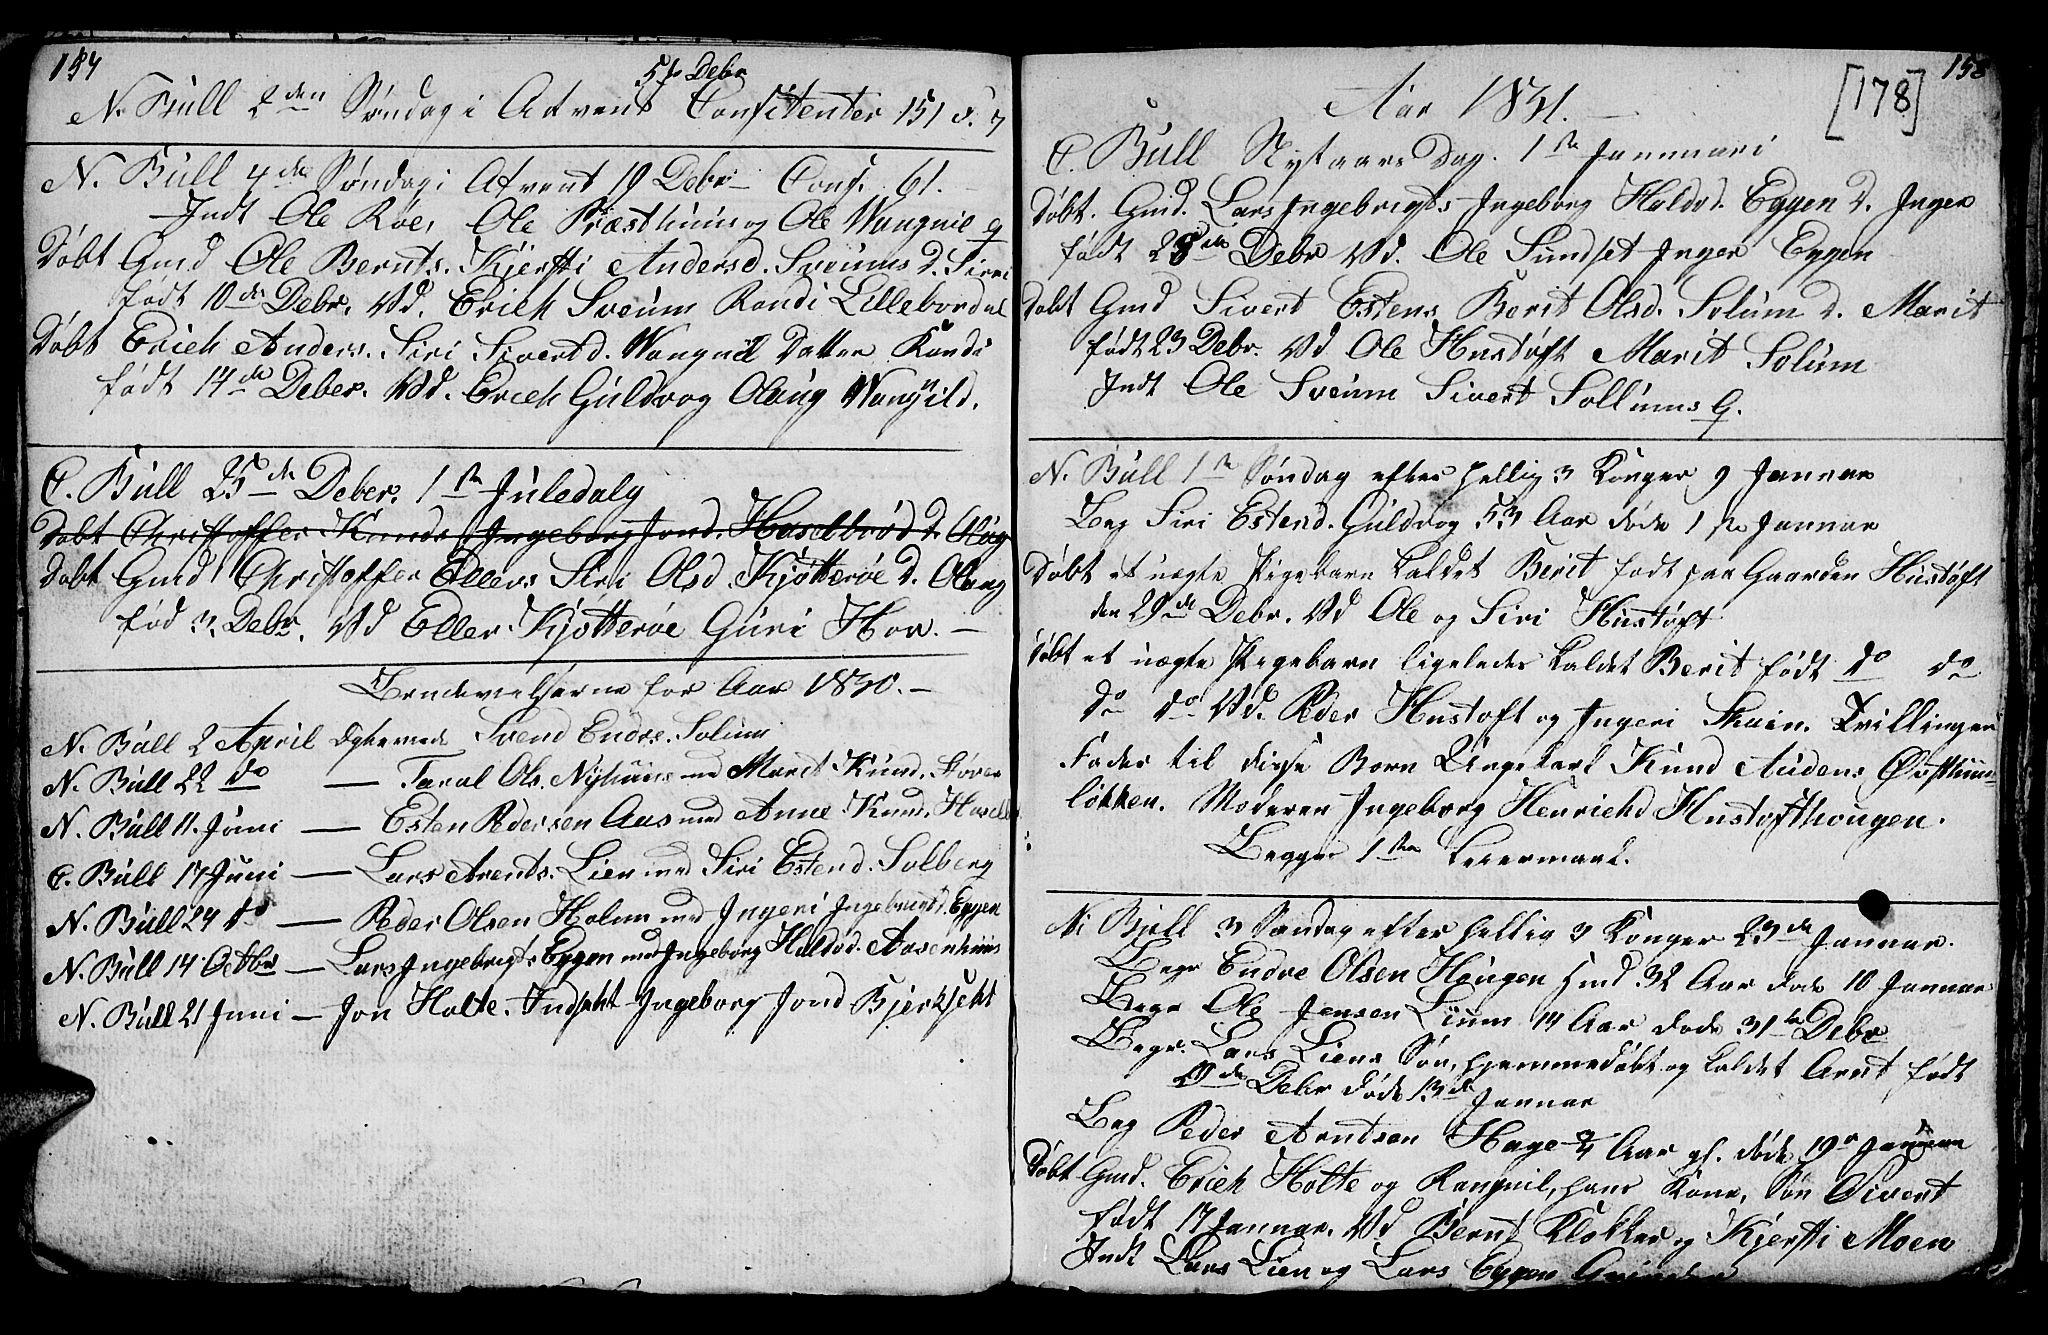 SAT, Ministerialprotokoller, klokkerbøker og fødselsregistre - Sør-Trøndelag, 689/L1042: Klokkerbok nr. 689C01, 1812-1841, s. 177-178